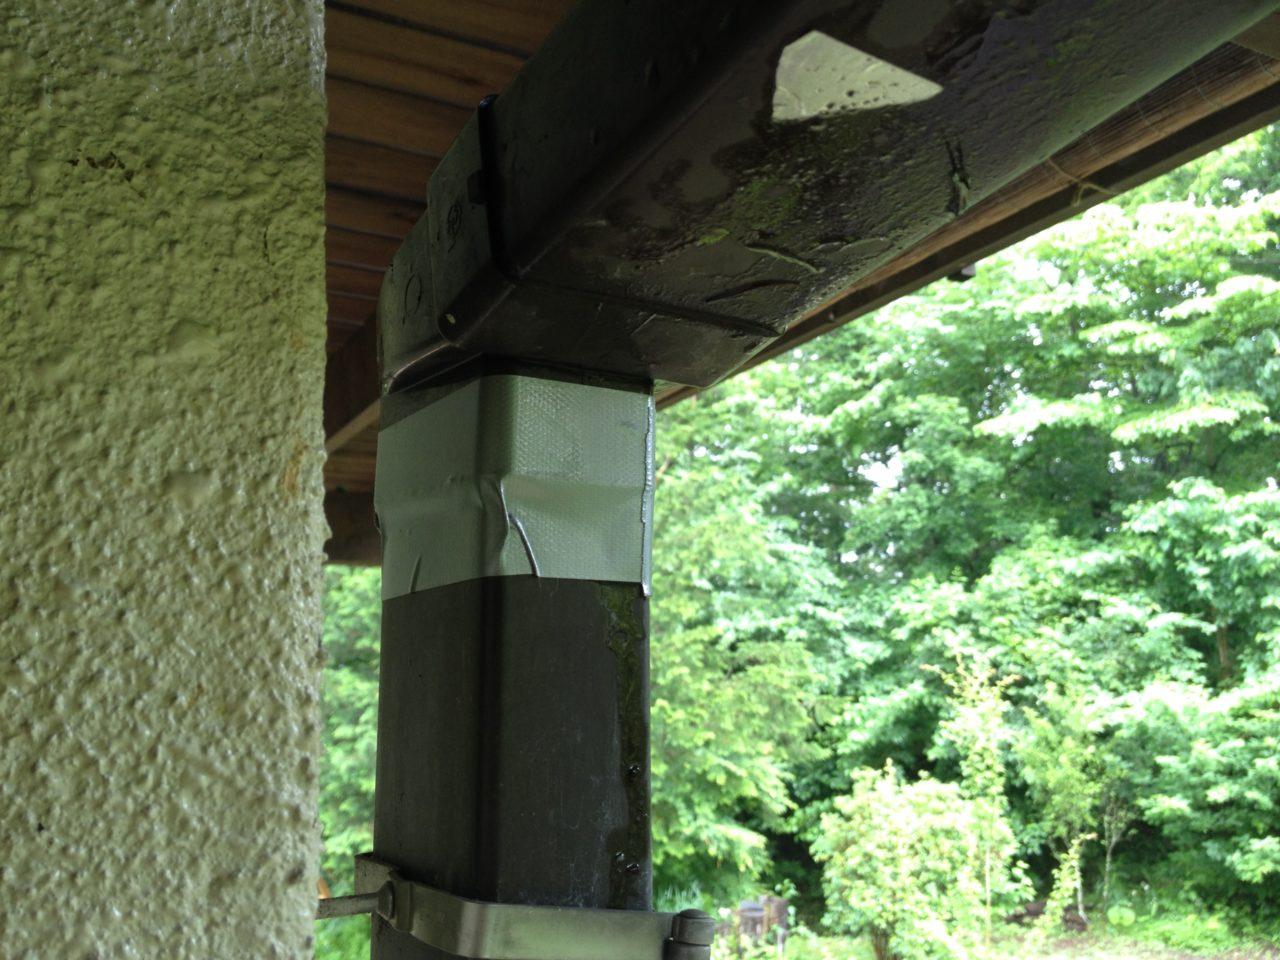 雨樋から溢れる雨水